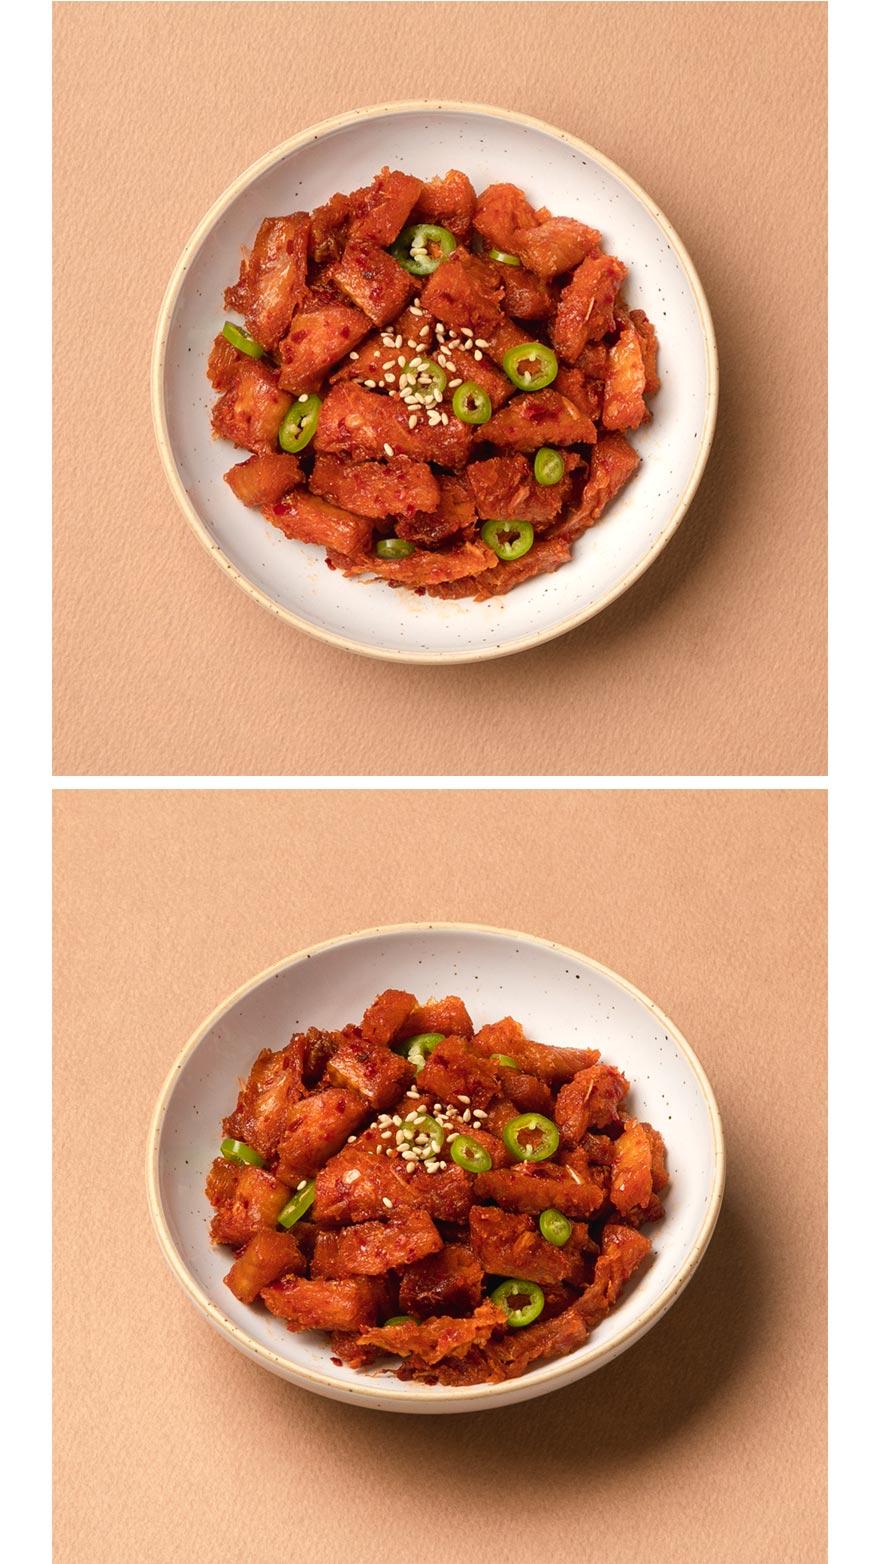 고추장 황태채볶음 쫄깃한 황태채와 알싸한 청양고추가 들어가 입맛을 돋아주는 고추장 황태채볶음이에요. 하얀 쌀밥에 매콤달달한 황태채볶음 하나면 밥 한 공기 뚝딱! 술안주로도 좋아 우리집 인기반찬입니다.